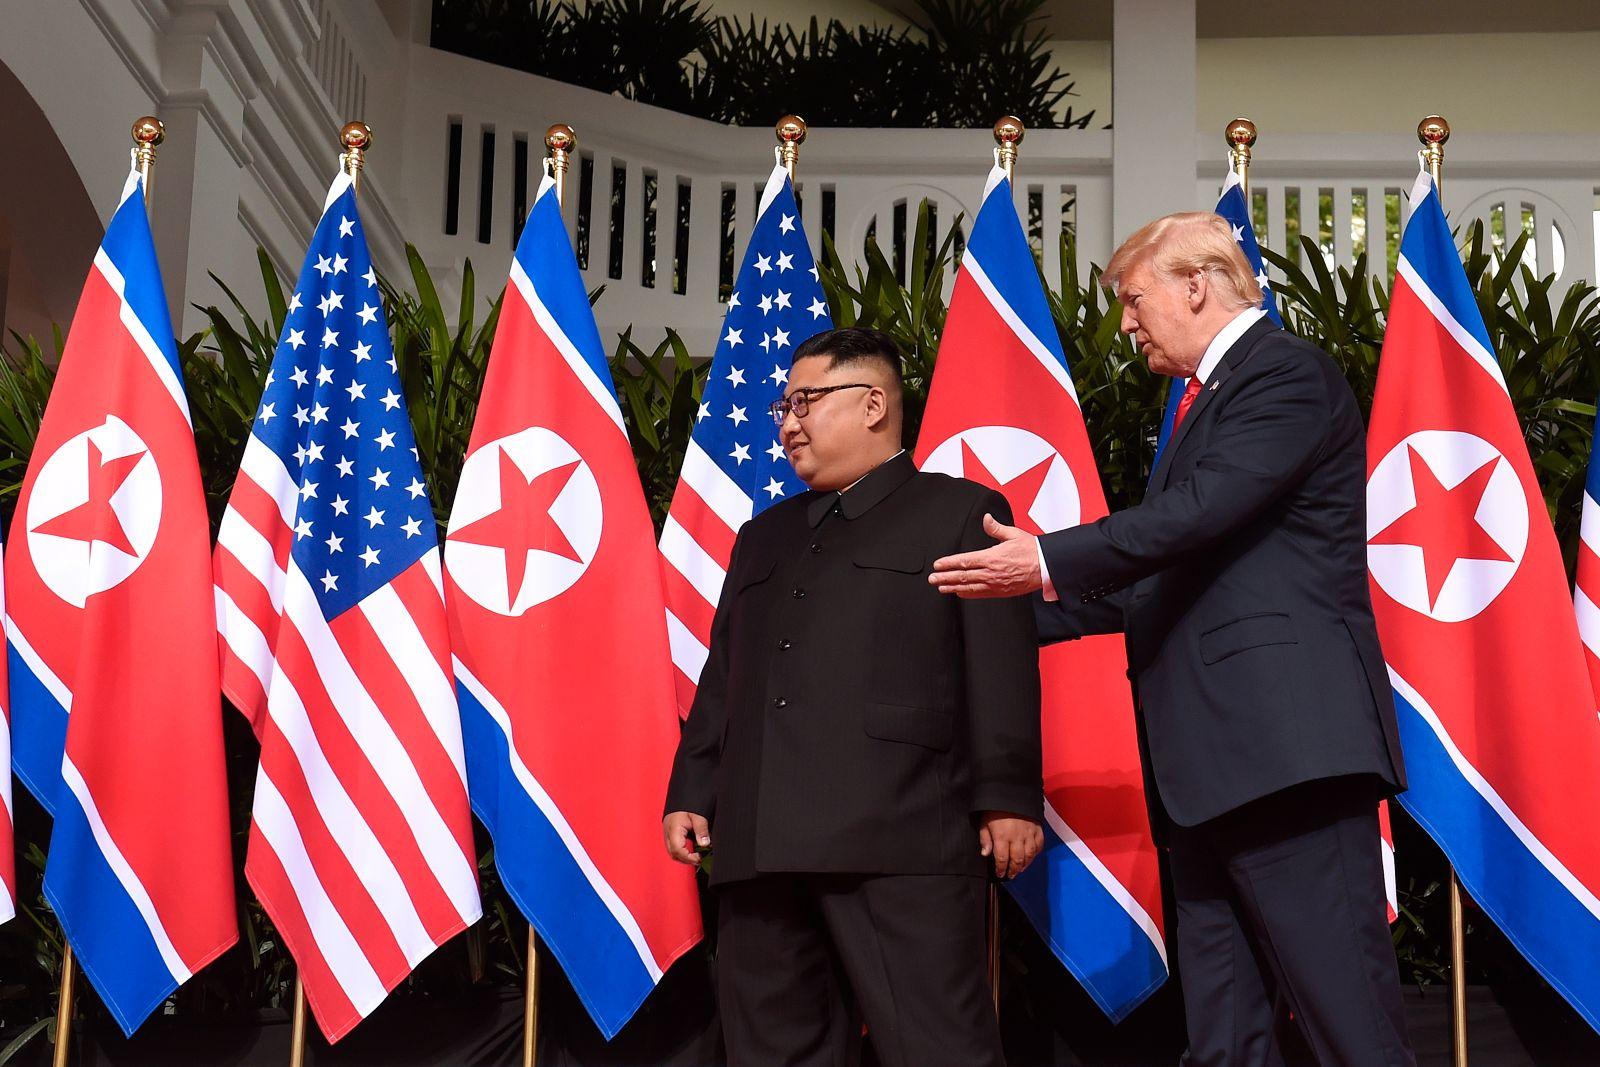 Kim Jong Un / Donald Trump / zeigt Weg